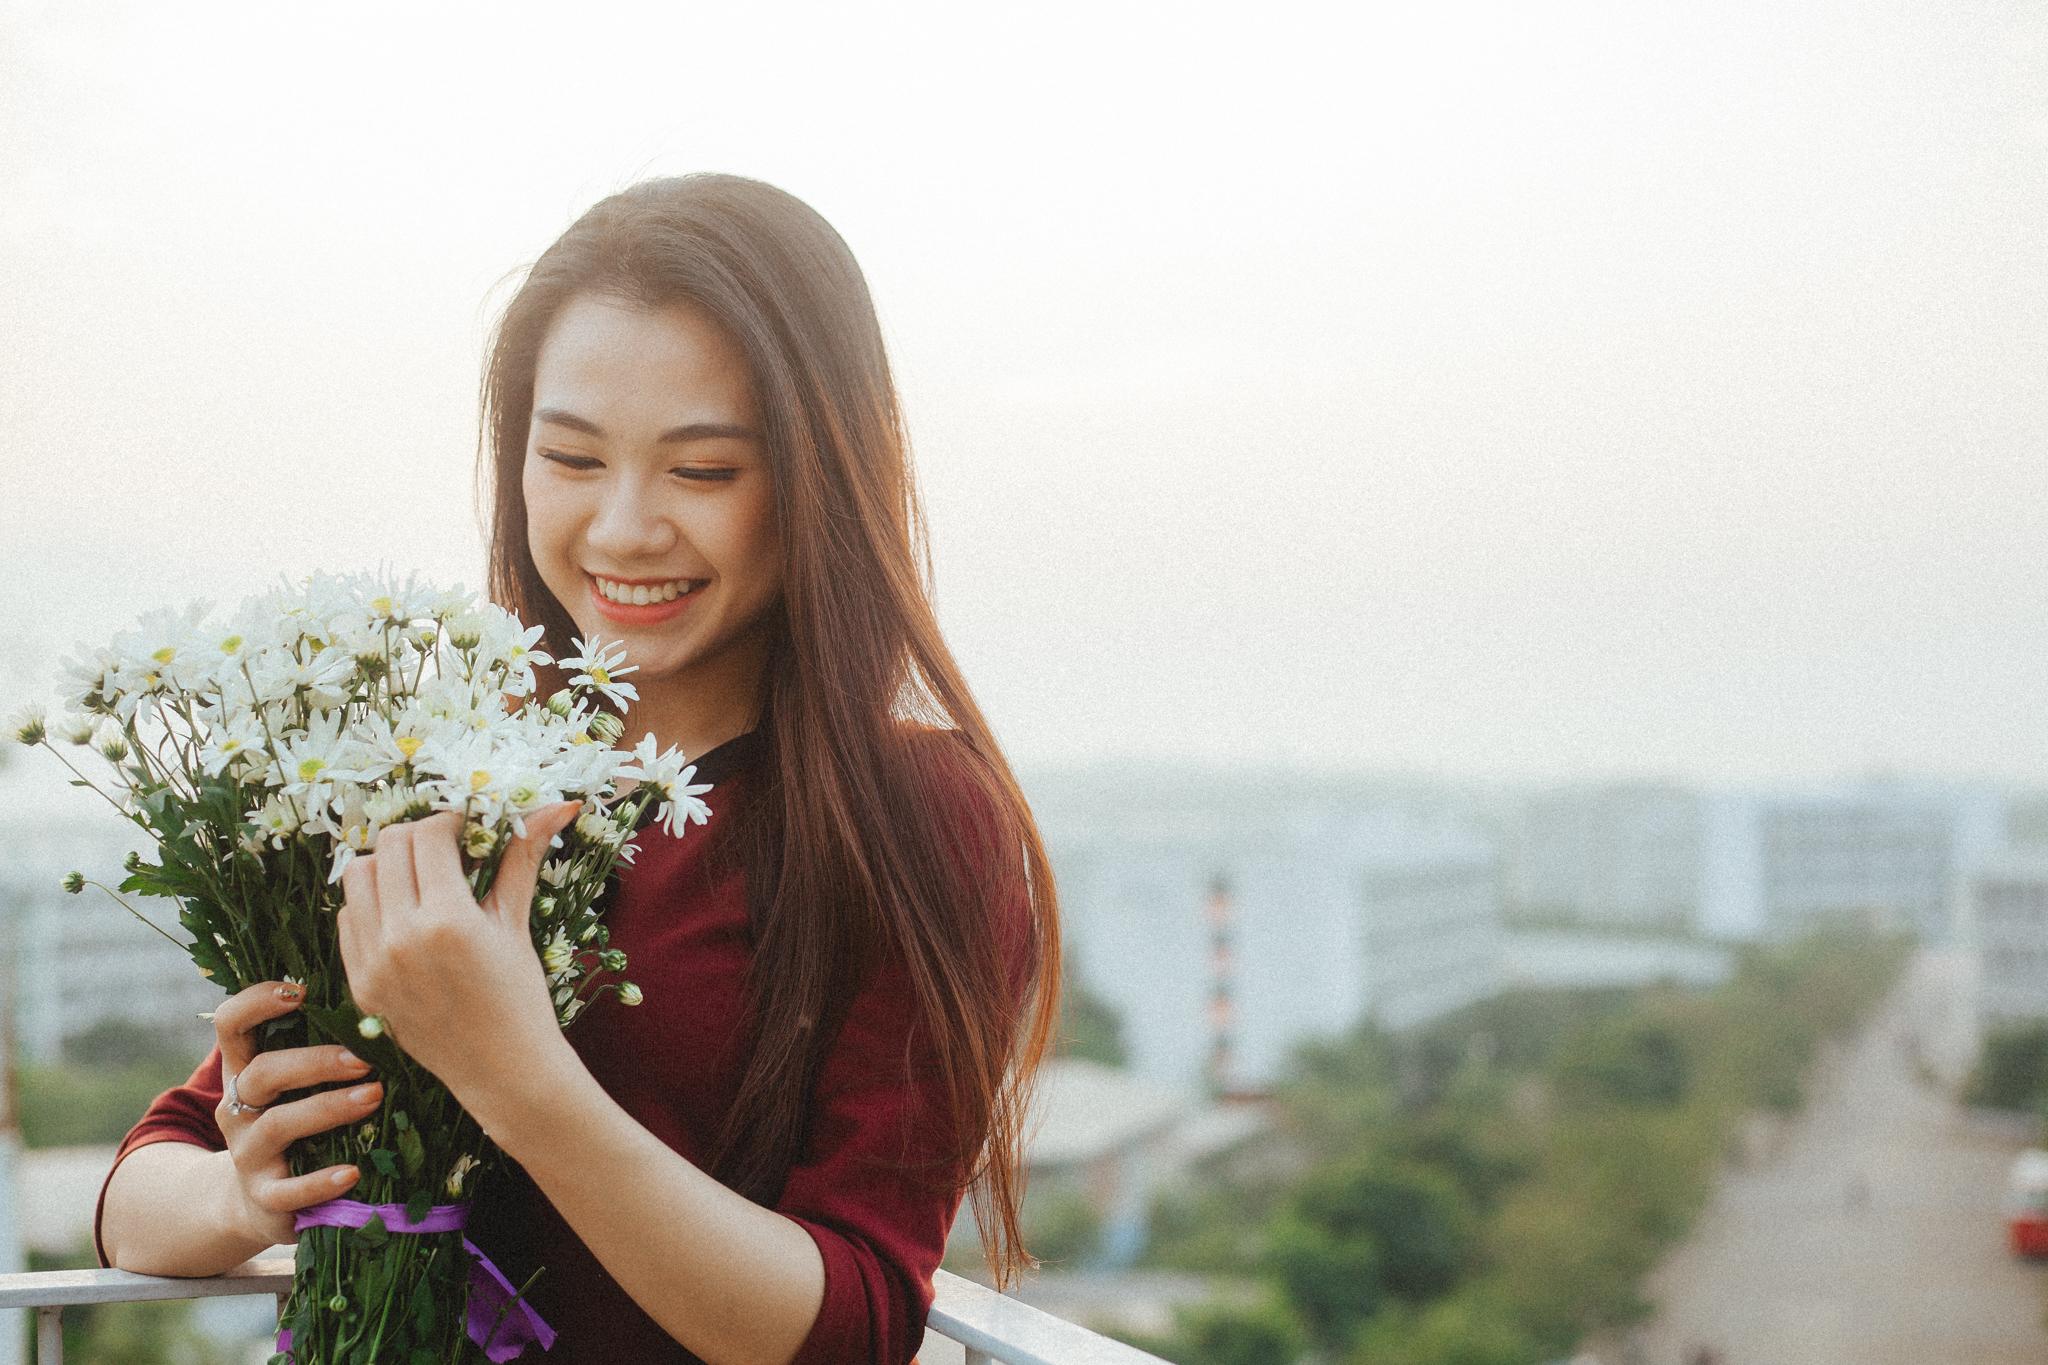 """Trước Miss FPTU 2018, Nguyễn Thơ từng giành được một số giải thưởng khác như giải khuyến khích 2 cuộc thi """"Start-up Uni"""" trường ĐH FPT 2016 và """"Vua bán hàng"""" Hà Nội 2017. Ngoài ra, cô bạn còn lọt vào Top 5 cuộc thi """"Hào quang tỏa sáng""""."""